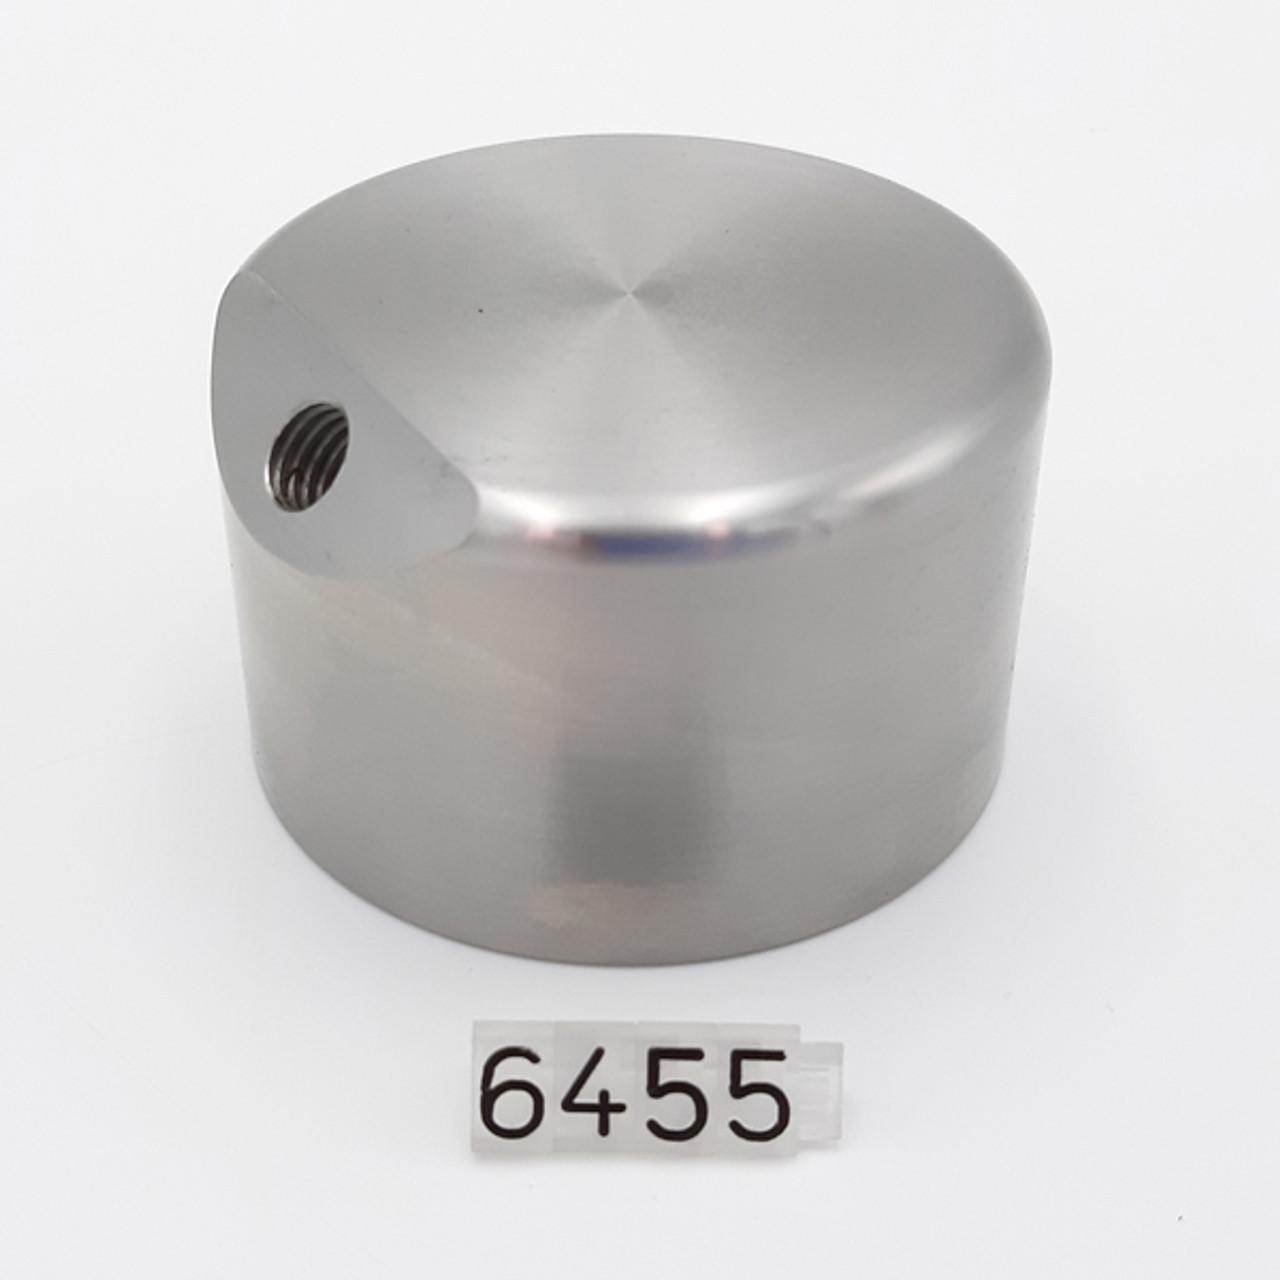 Talsa - F-807 - Nut for Lid Lock - 6448 & 6455